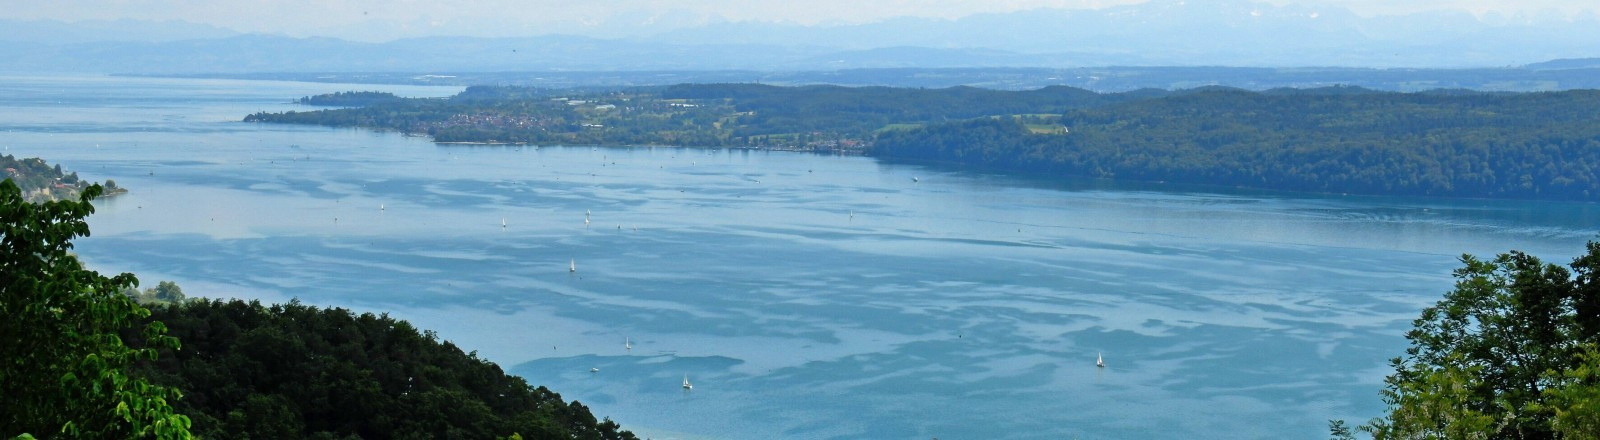 Blick auf den Bodensee von Bonndorf aus.